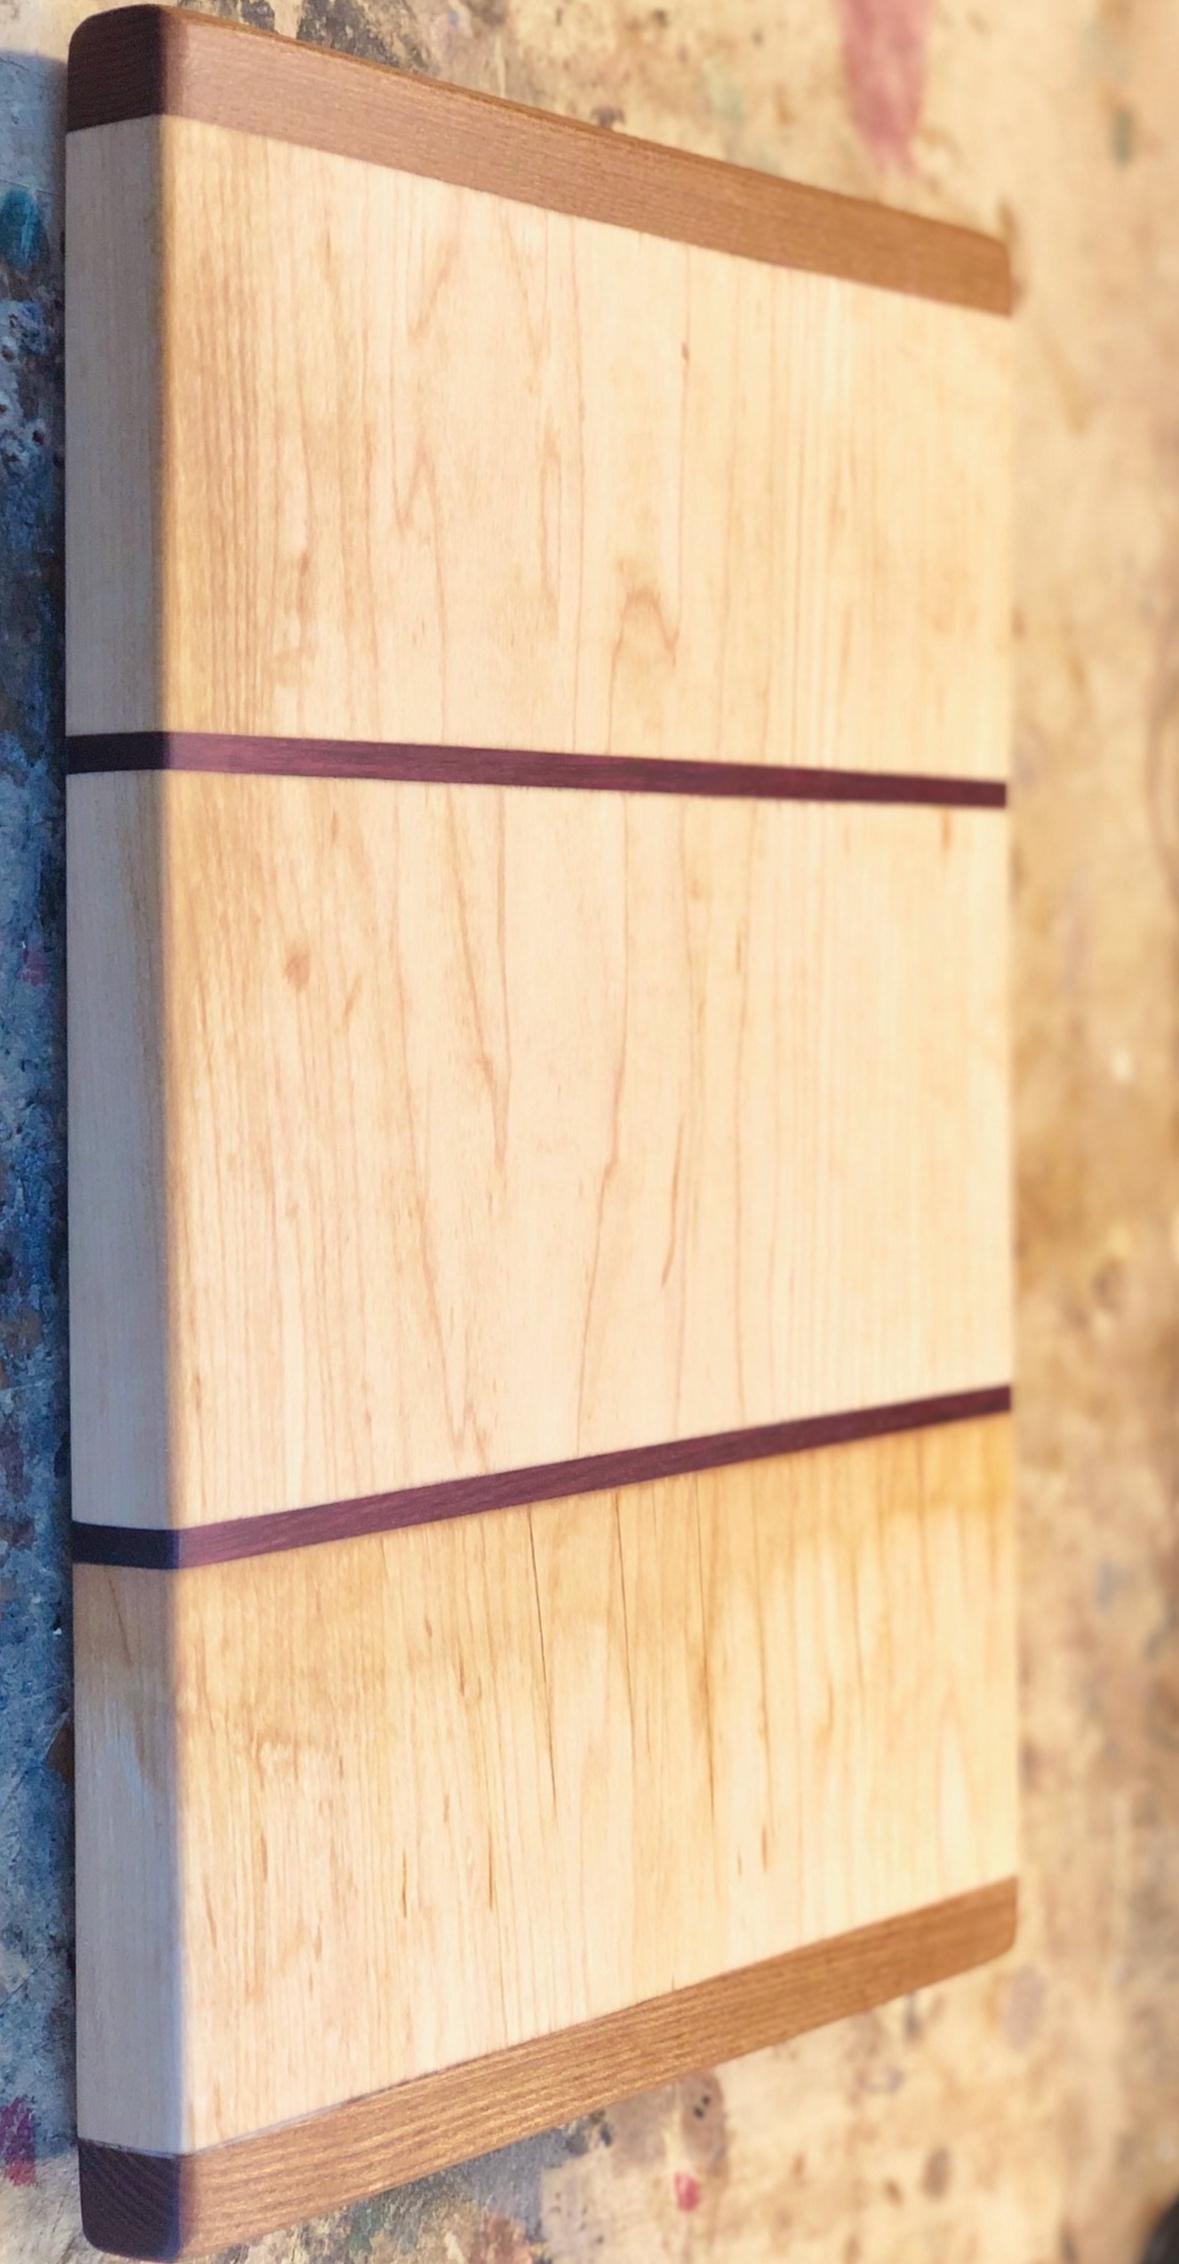 Maple, walnut, andpurpleheart cutting board—$75 - 9 x 13 x 1.5 inches